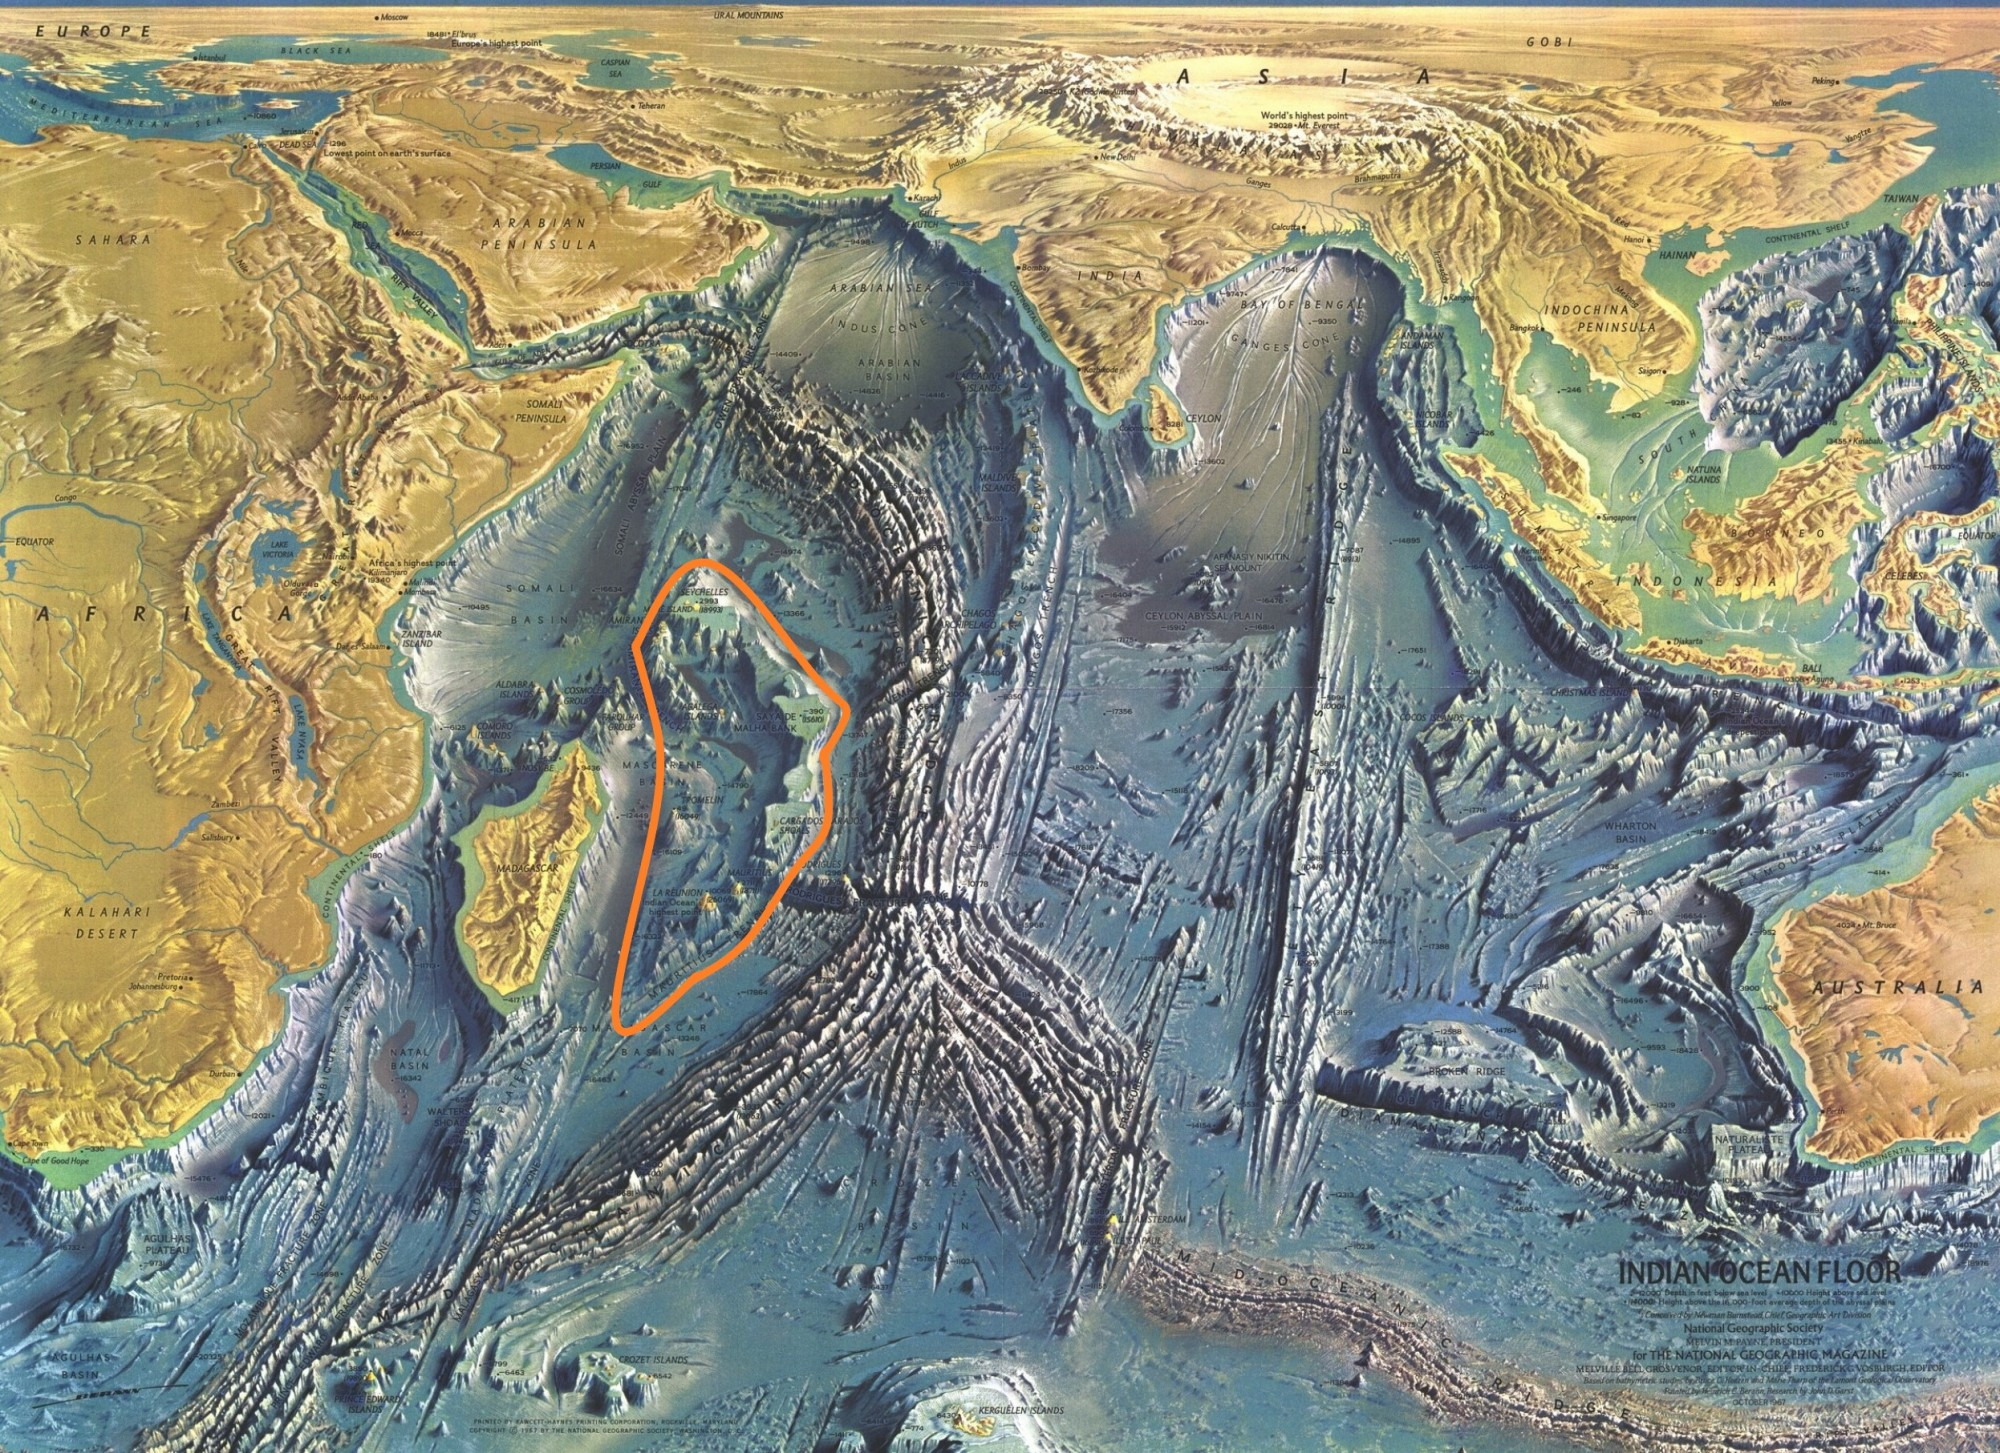 Карта дна Индийского океана. Оранжевым маркером мной помечено место, где возможно находилась Лемурия.